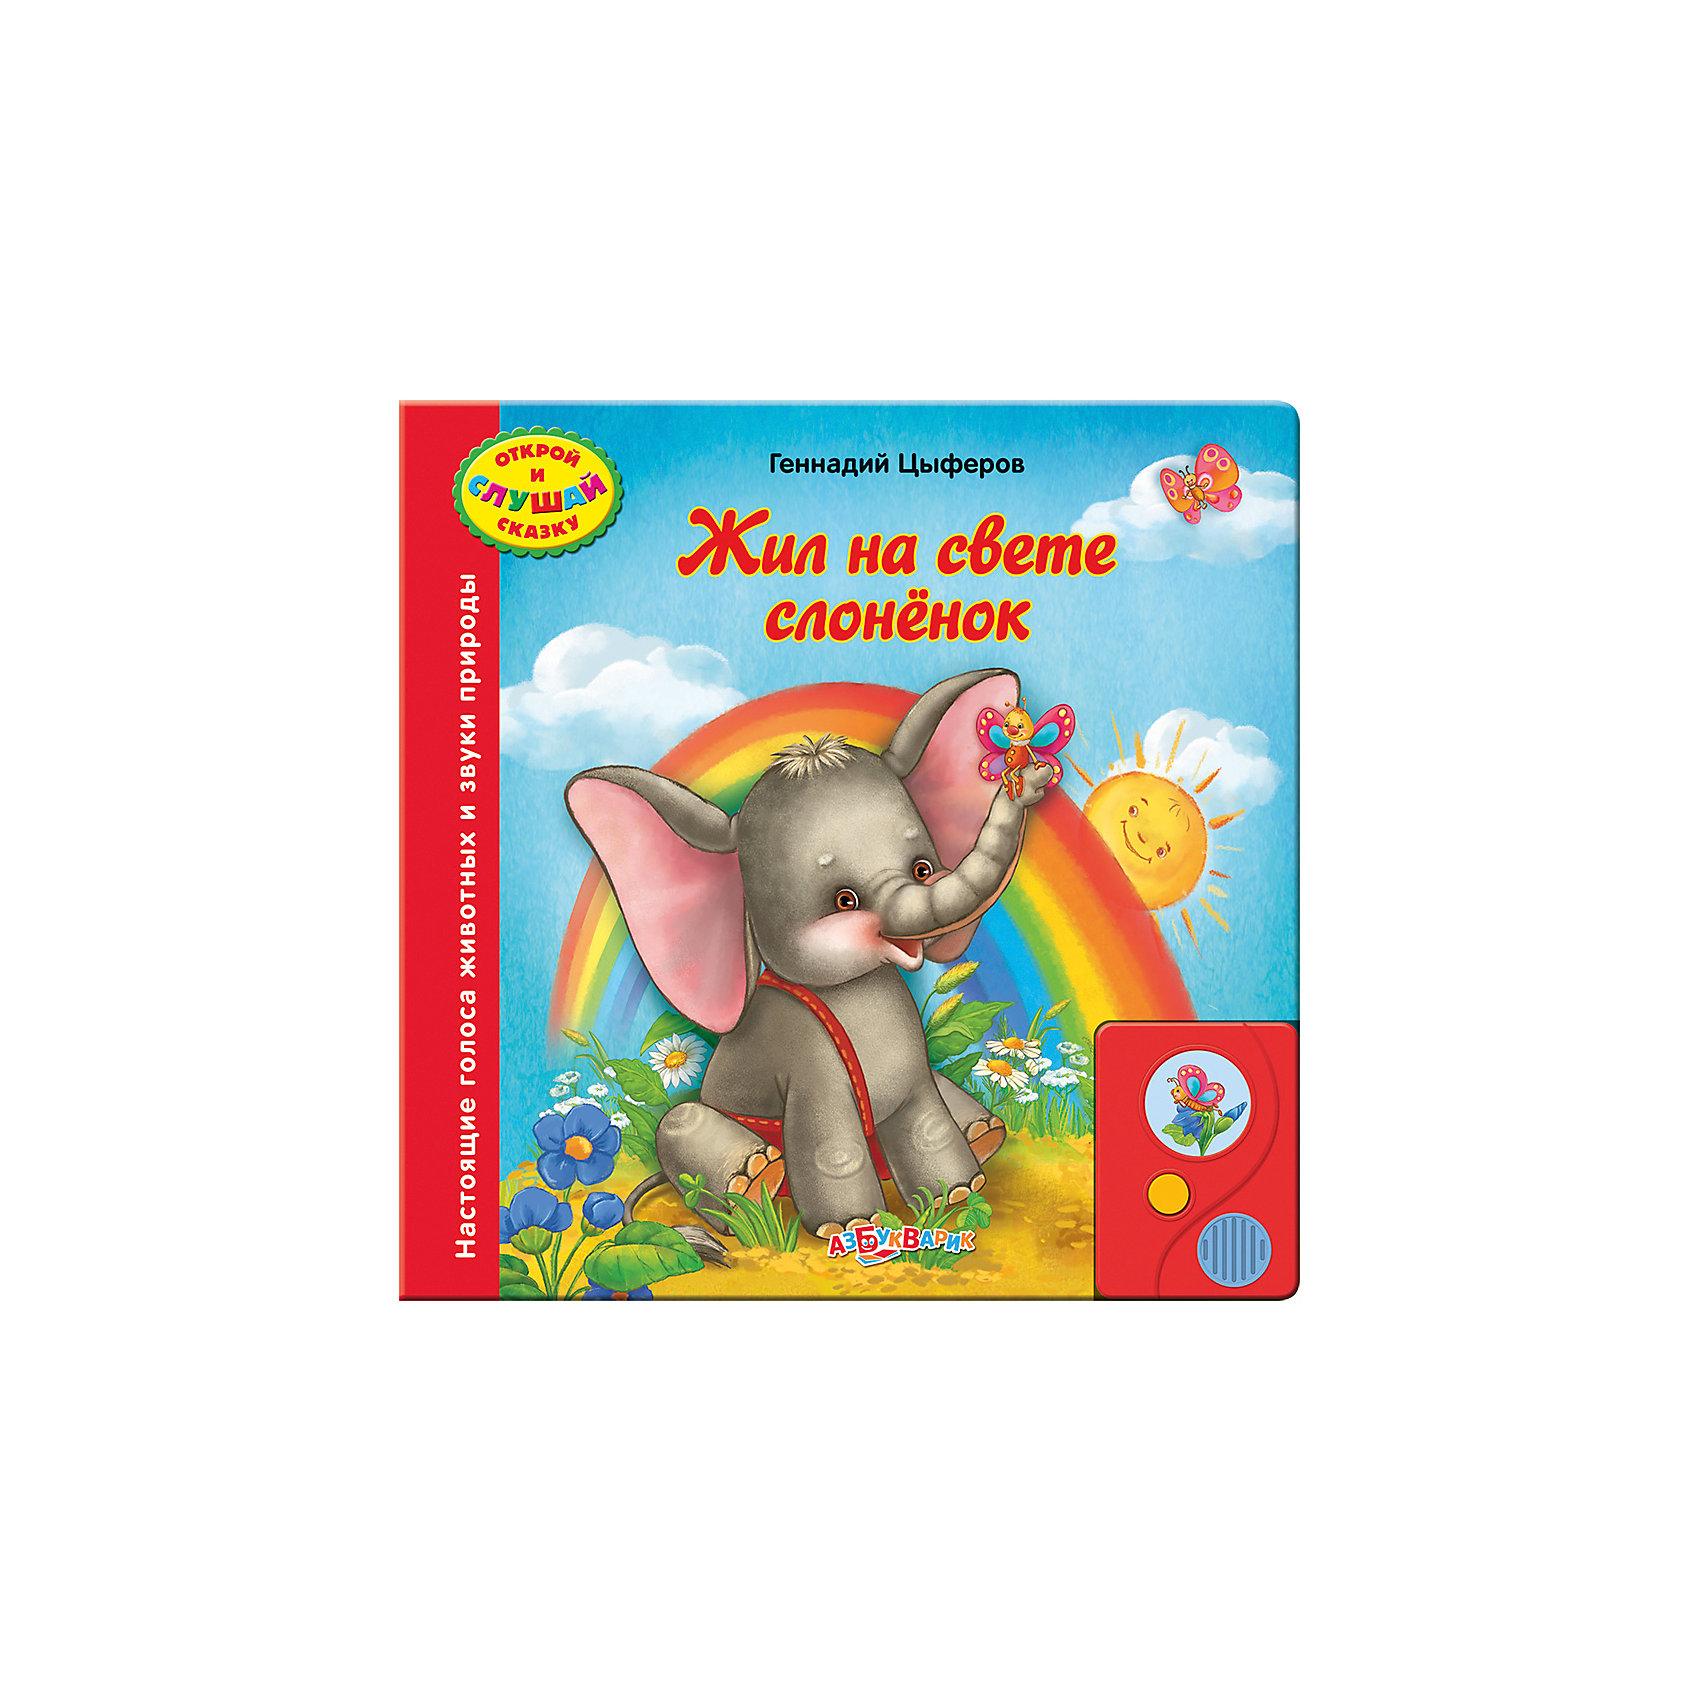 Жил на свете слоненокОткрой книгу – и она заговорит! Сказка Г. Цыферова Жил на свете слонёнок озвучена по ролям профессиональными актерами, оживлена настоящими голосами животных и звуками природы. Издание дополнено красочными иллюстрациями, имеет твердые картонные странички, которые удобно переворачивать даже самым юным читателям. <br><br>Дополнительная информация:<br>  <br>- Автор: Г. Цыферов.<br>- Переплет: картон.<br>- Формат: 21,6х21,6 см.<br>- Количество страниц: 10.<br>- Иллюстрации: цветные. <br>- Элемент питания: батарейки  AG13/LR44 (в комплекте).<br><br>Книгу Жил на свете слоненок можно купить в нашем магазине.<br><br>Ширина мм: 215<br>Глубина мм: 150<br>Высота мм: 20<br>Вес г: 433<br>Возраст от месяцев: 24<br>Возраст до месяцев: 60<br>Пол: Унисекс<br>Возраст: Детский<br>SKU: 4603719